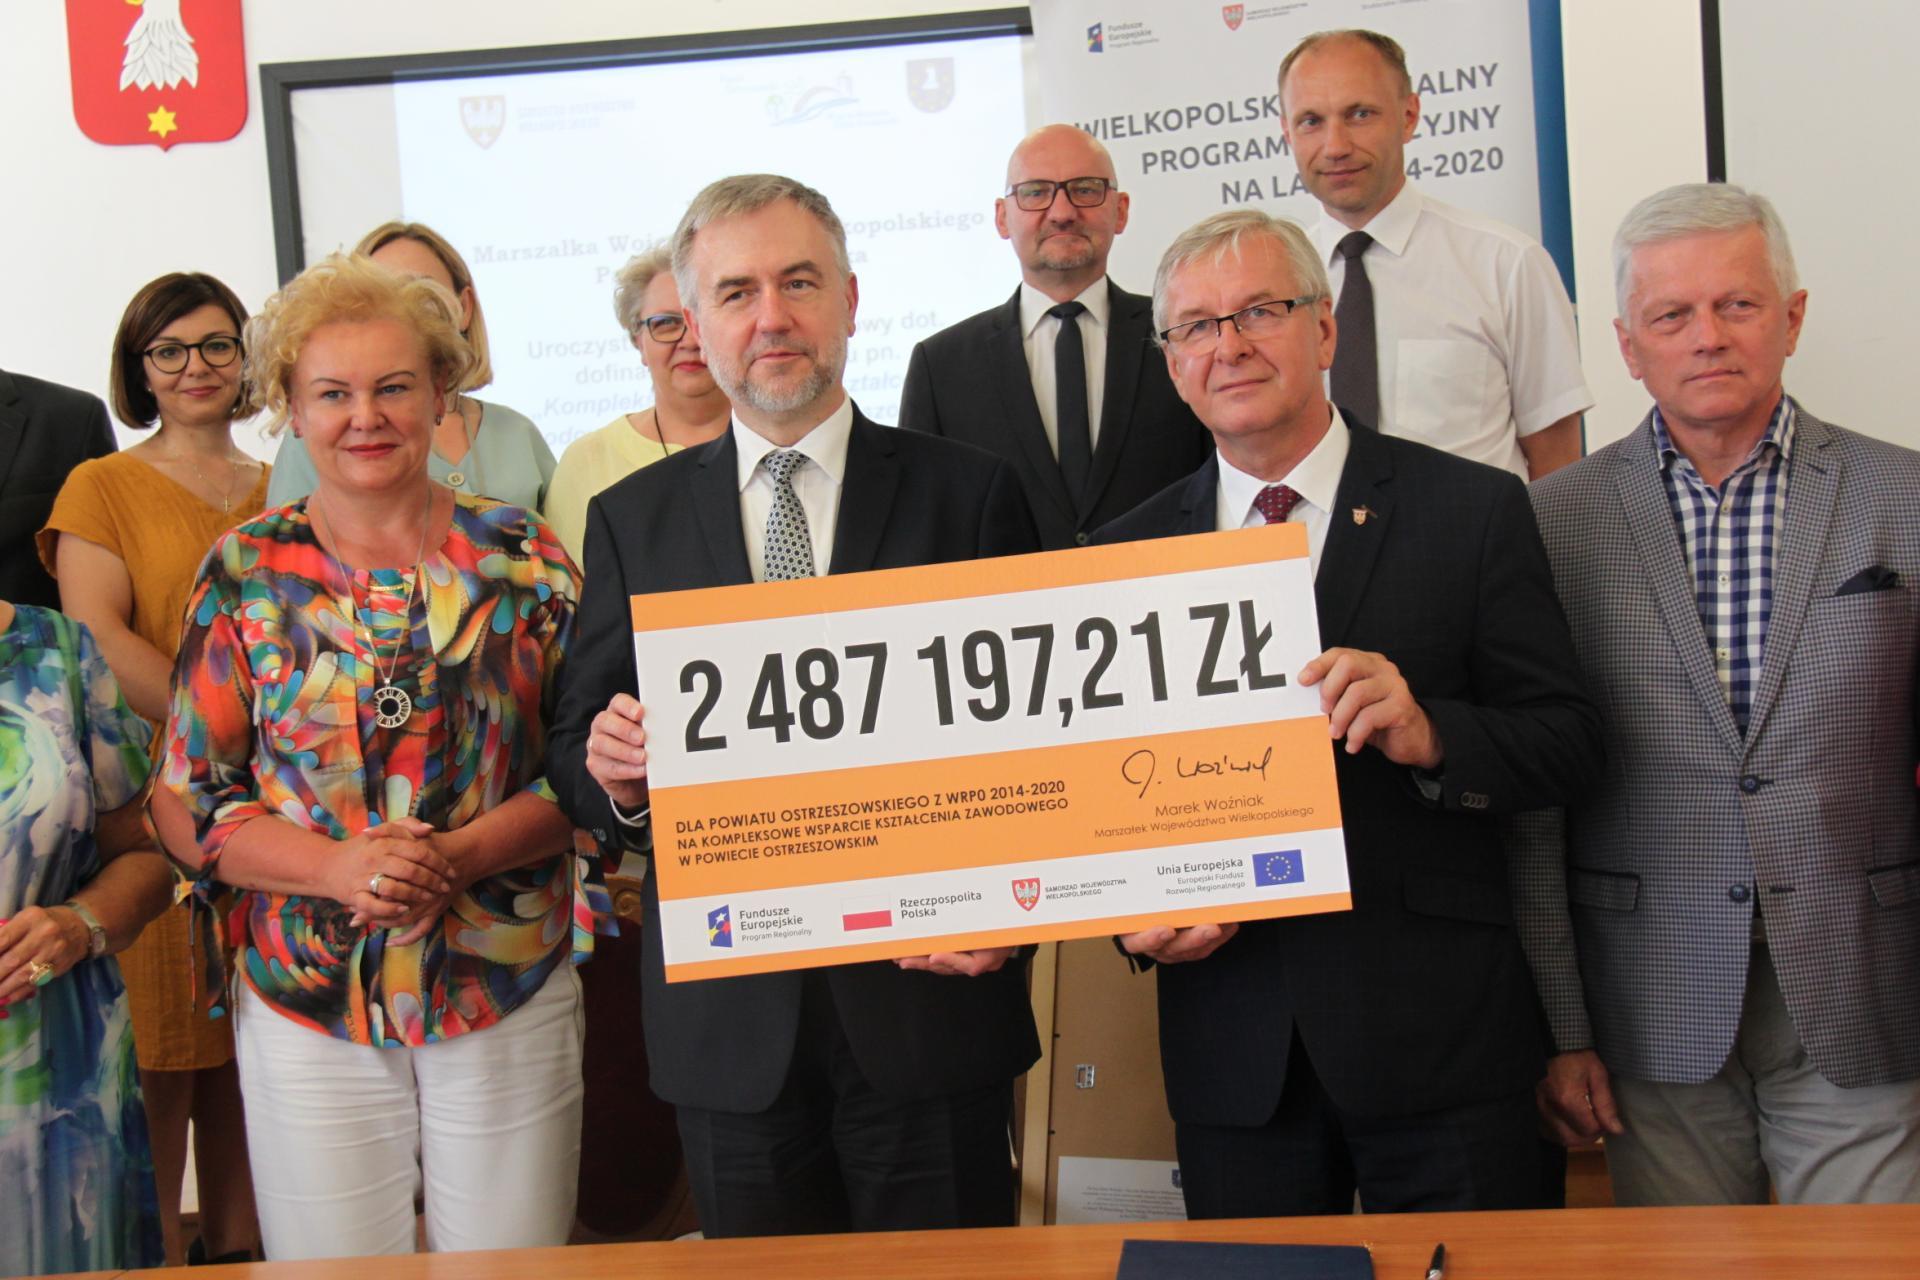 Wielkopolskie samorządy lokalne zrealizują kolejne inwestycje przy wsparciu środków unijnych z WRPO 2014+  - zobacz więcej